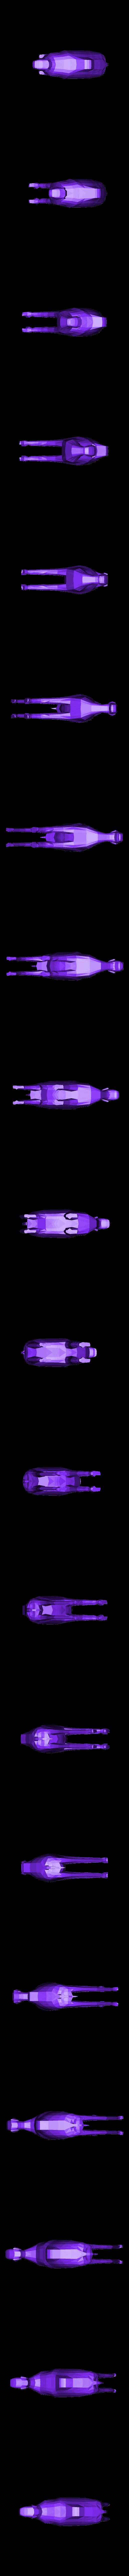 camellito low poly.stl Télécharger fichier STL gratuit Chameau à faible taux de poly • Plan pour imprimante 3D, Geralp